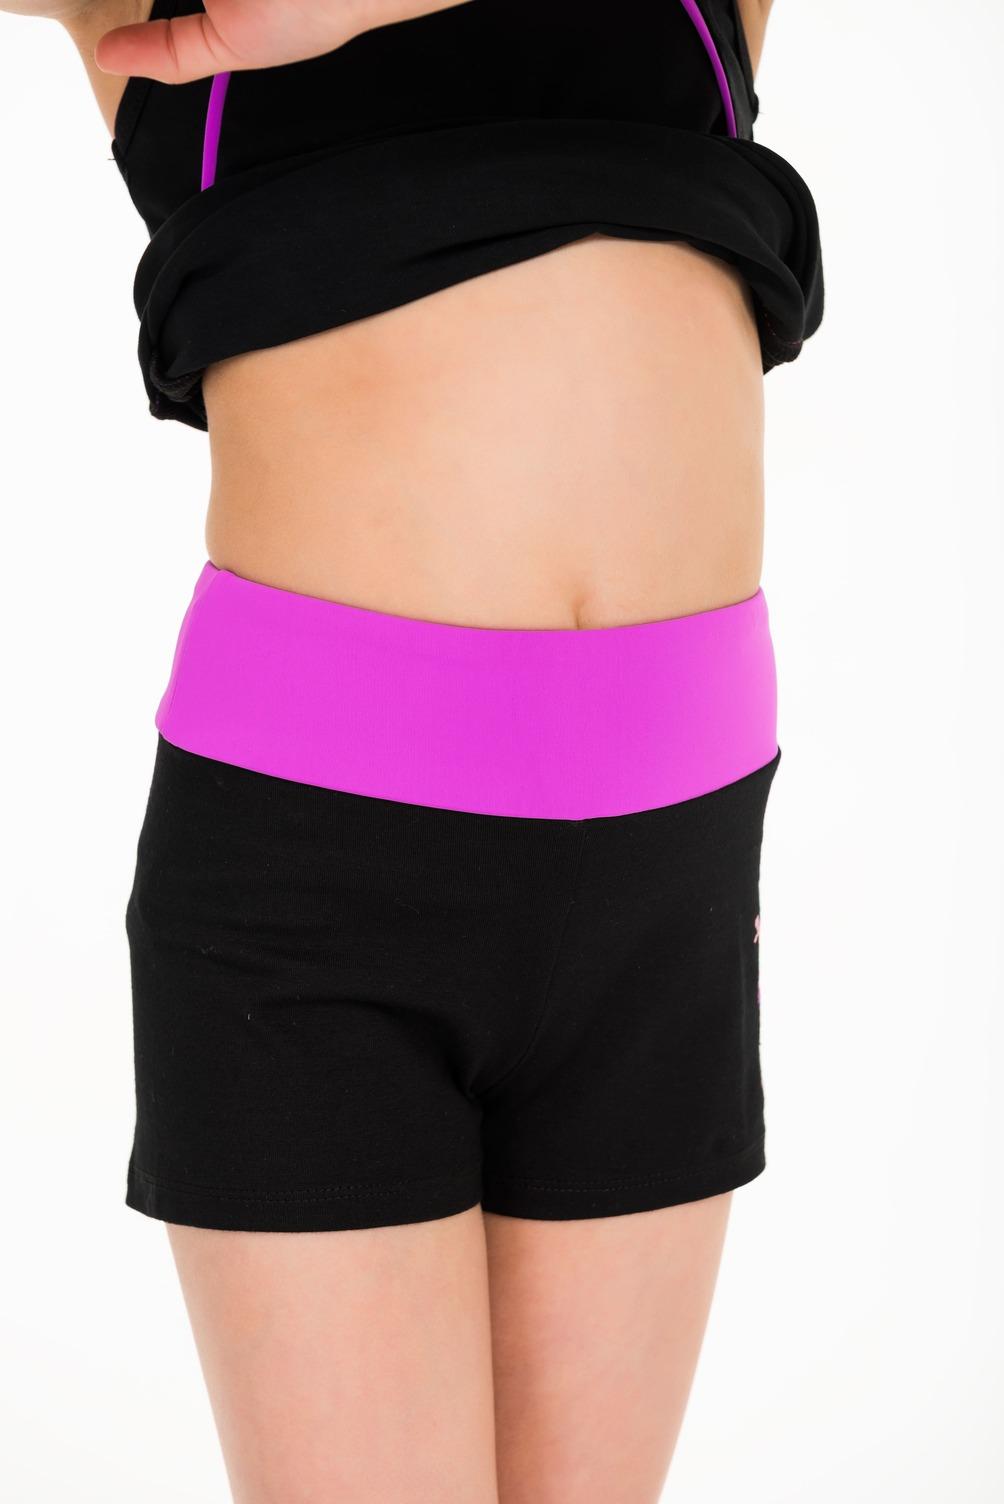 Shorts, Shorts Aquaria, pic 4